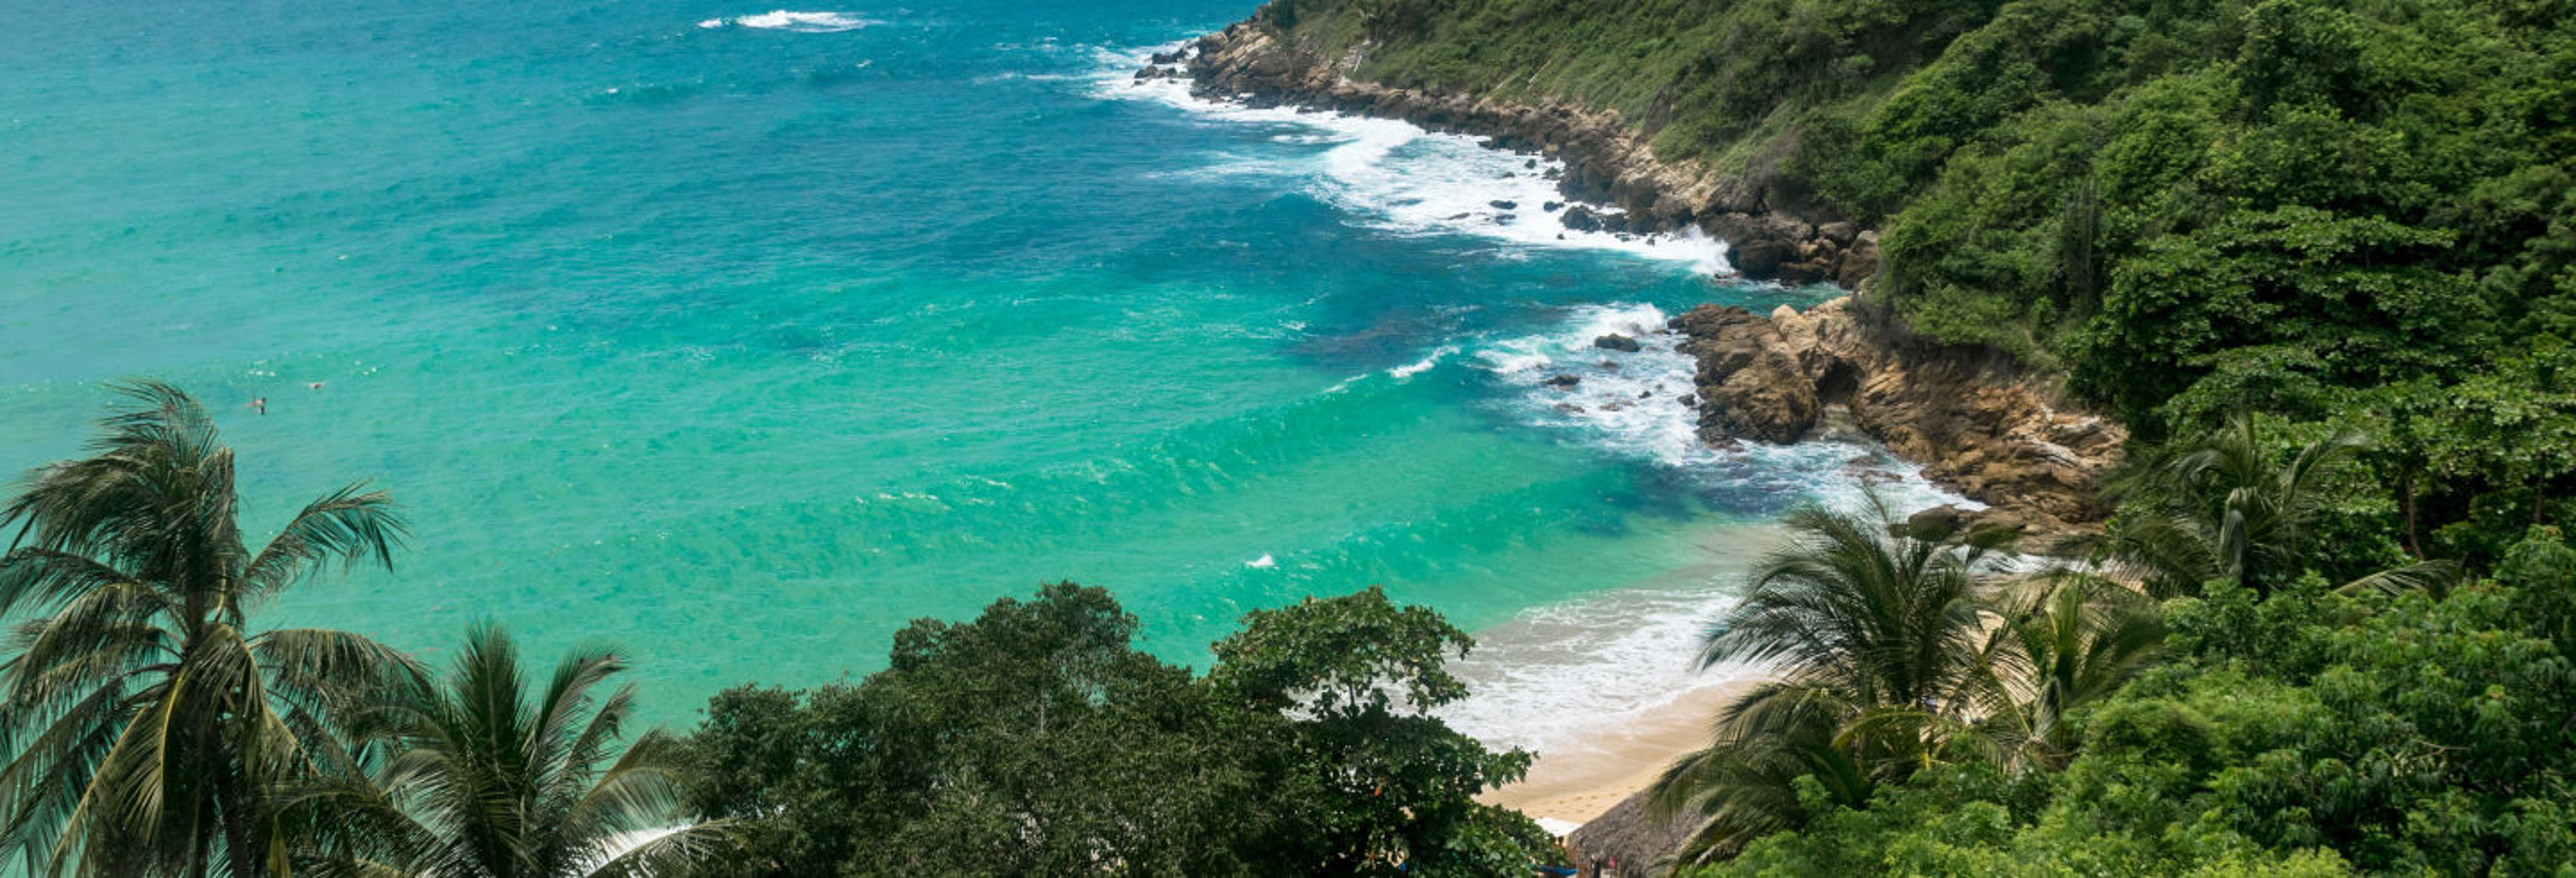 Curso de surfe em Puerto Escondido